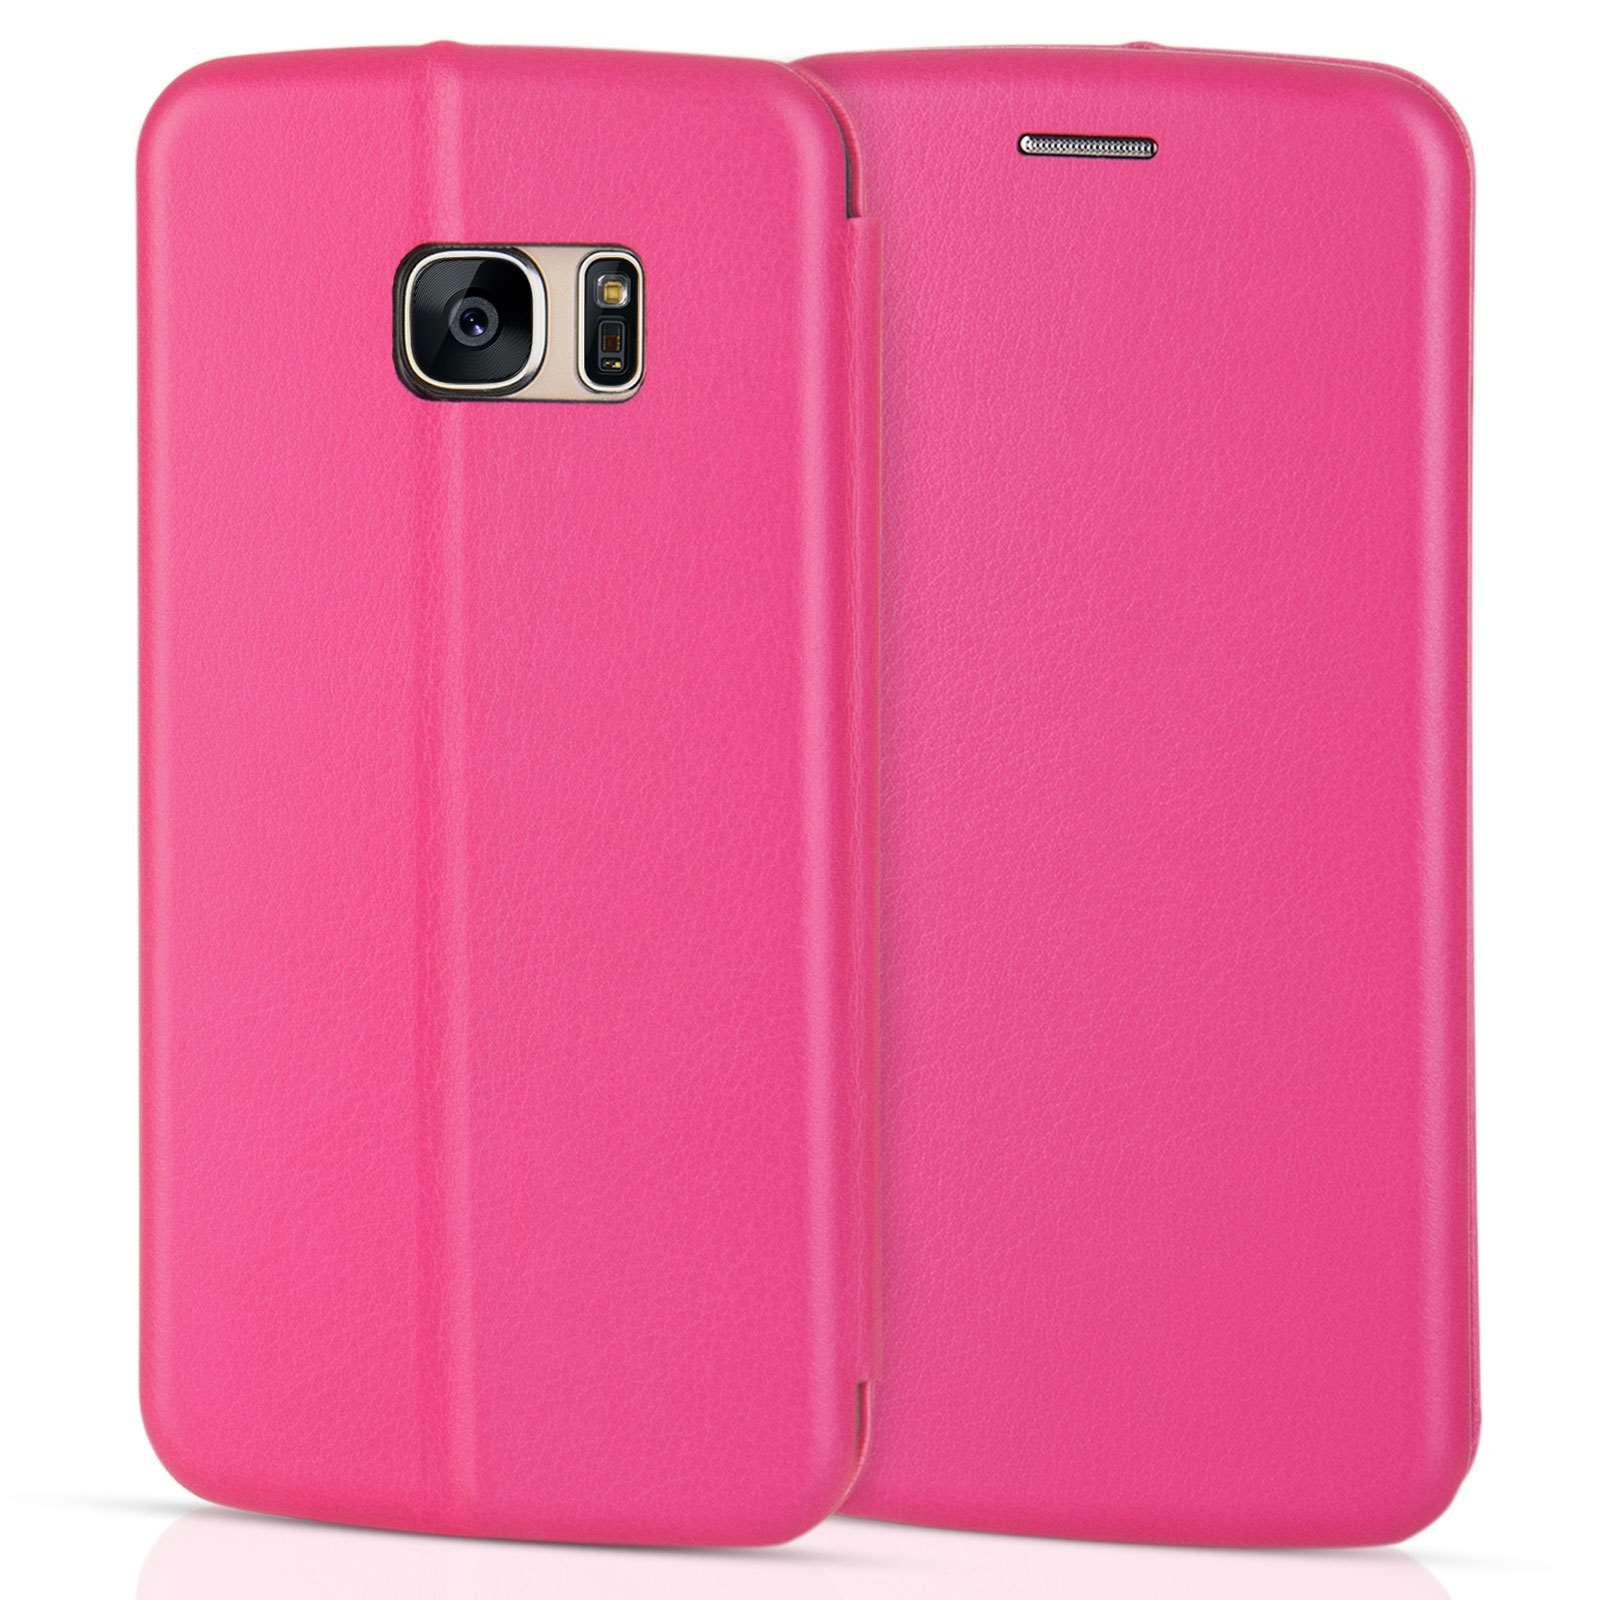 Caseflex Θήκη - Πορτοφόλι Samsung Galaxy S7 - Pink (SA-EA06-Z533)